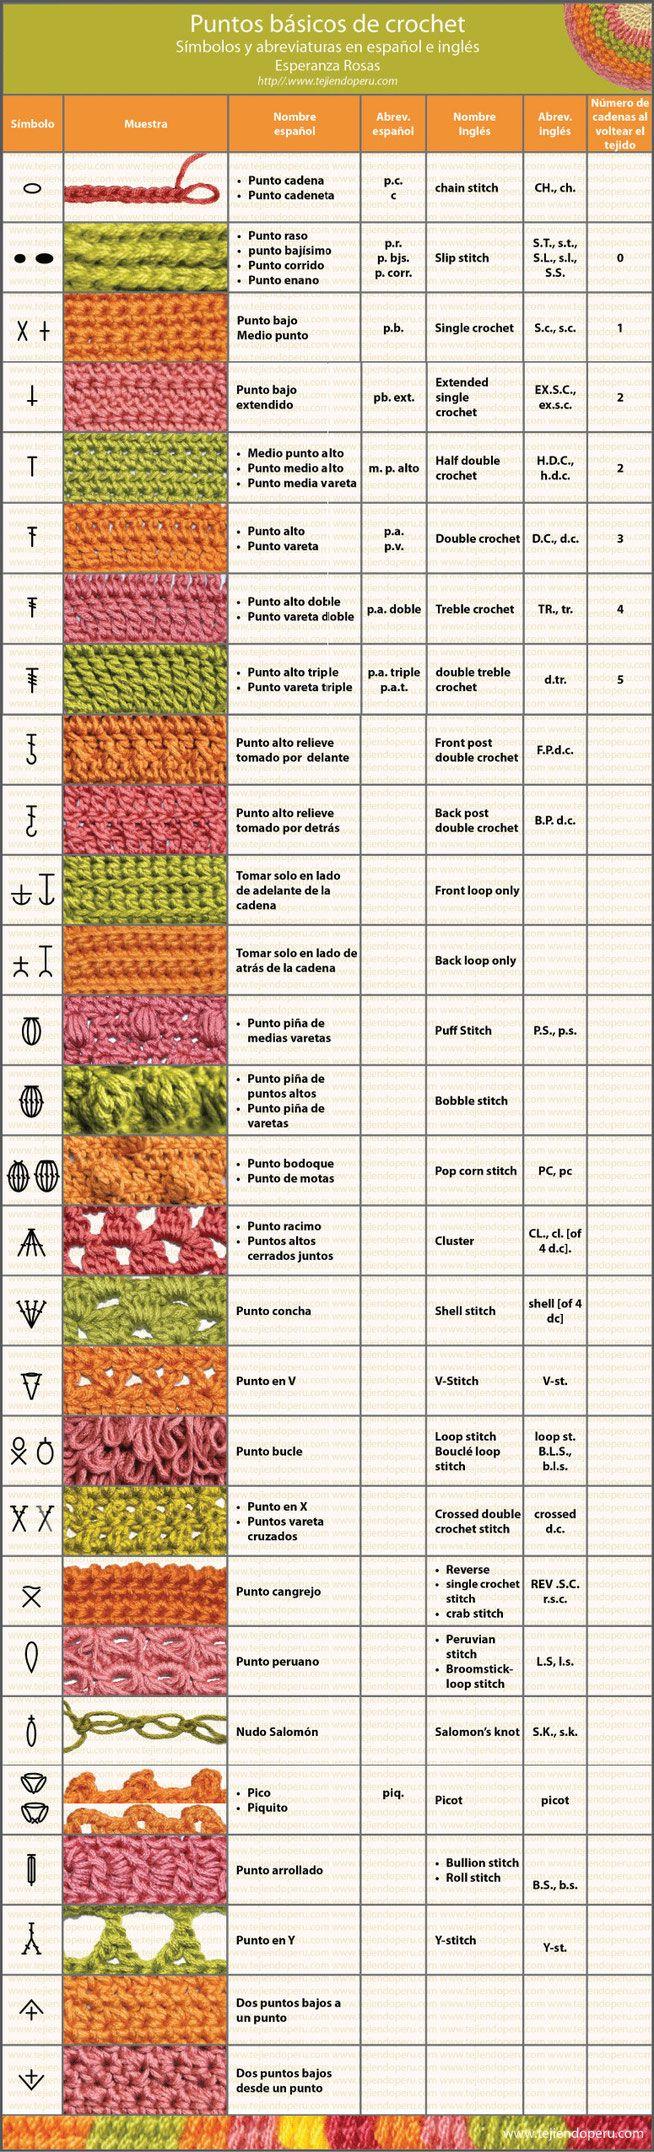 Abreviaturas de puntos crochet en español e inglés!